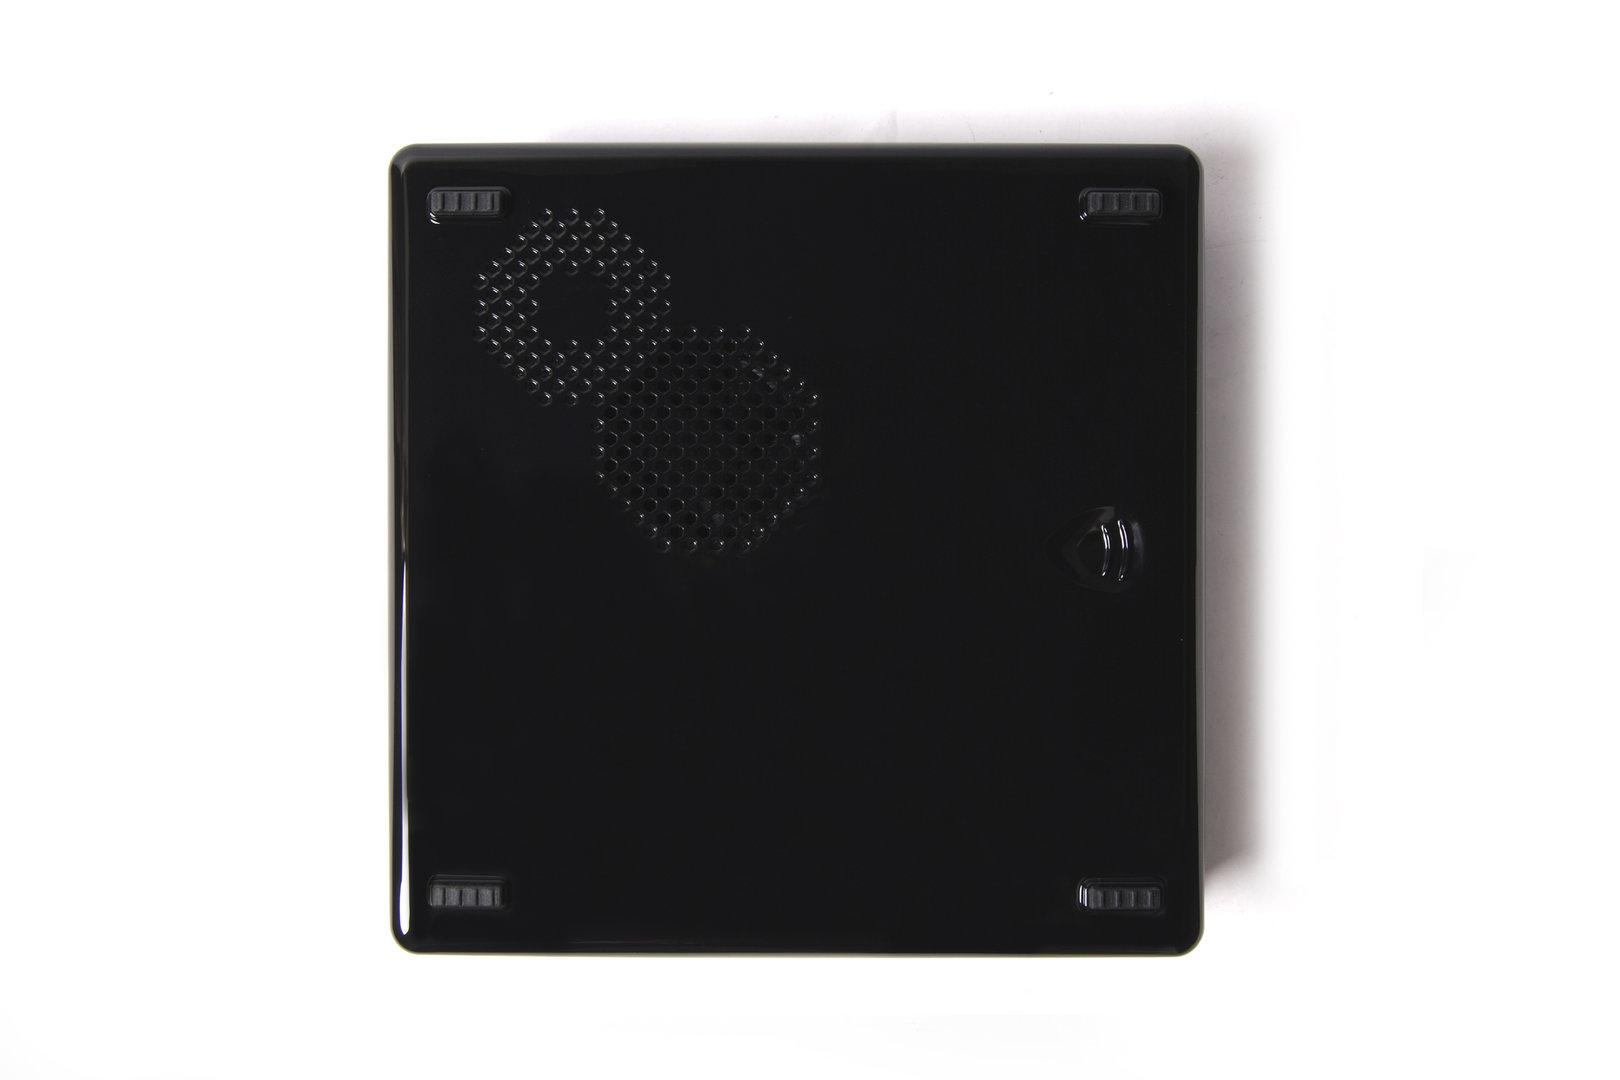 Zbox BI323